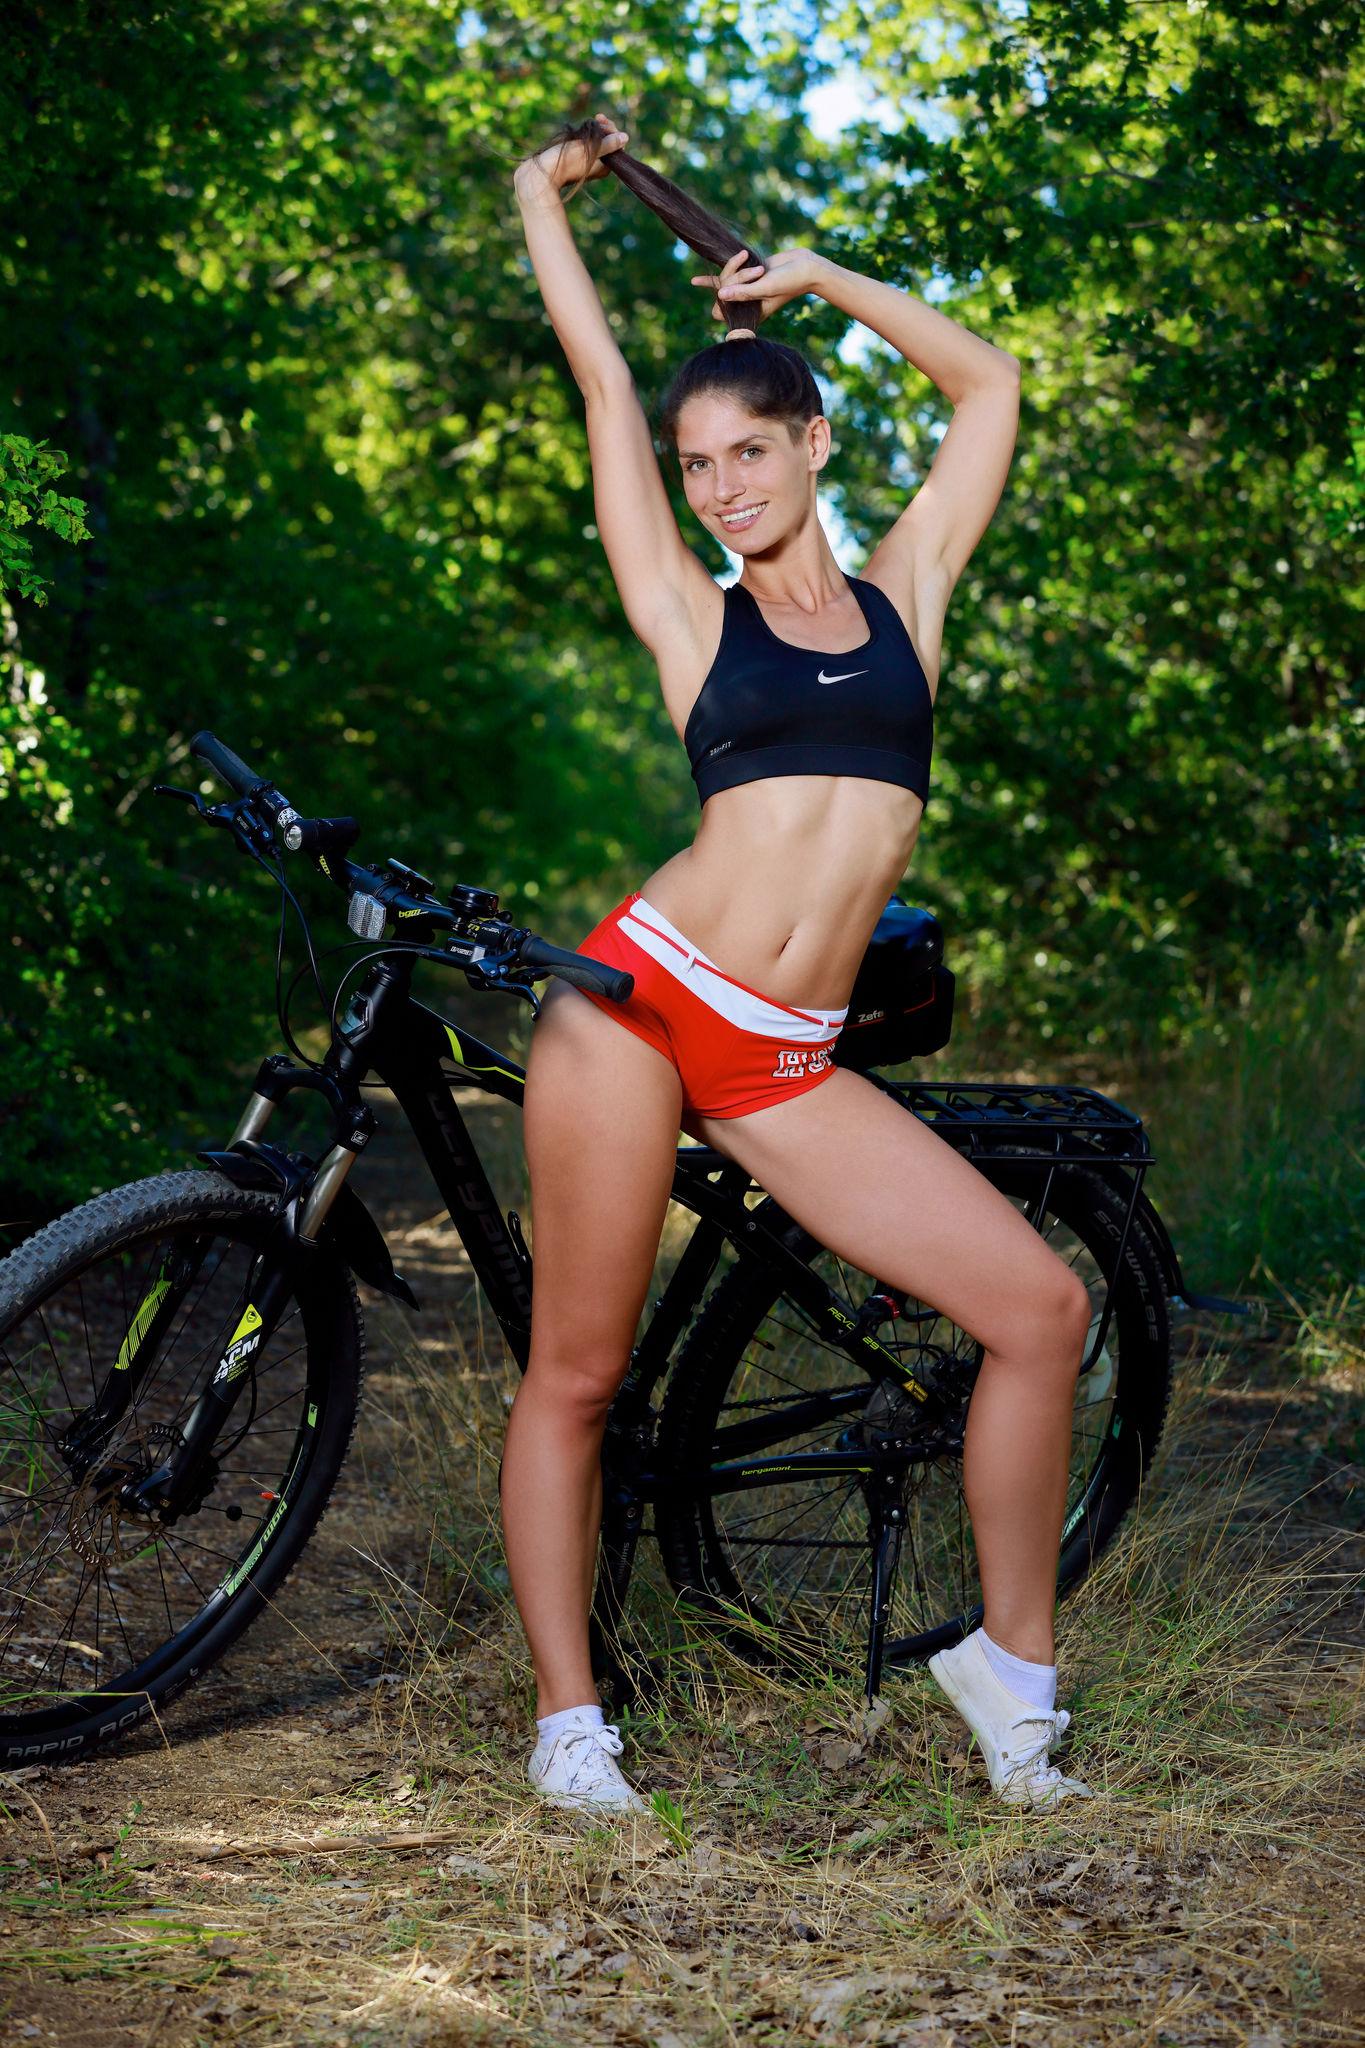 голая велопрогулка